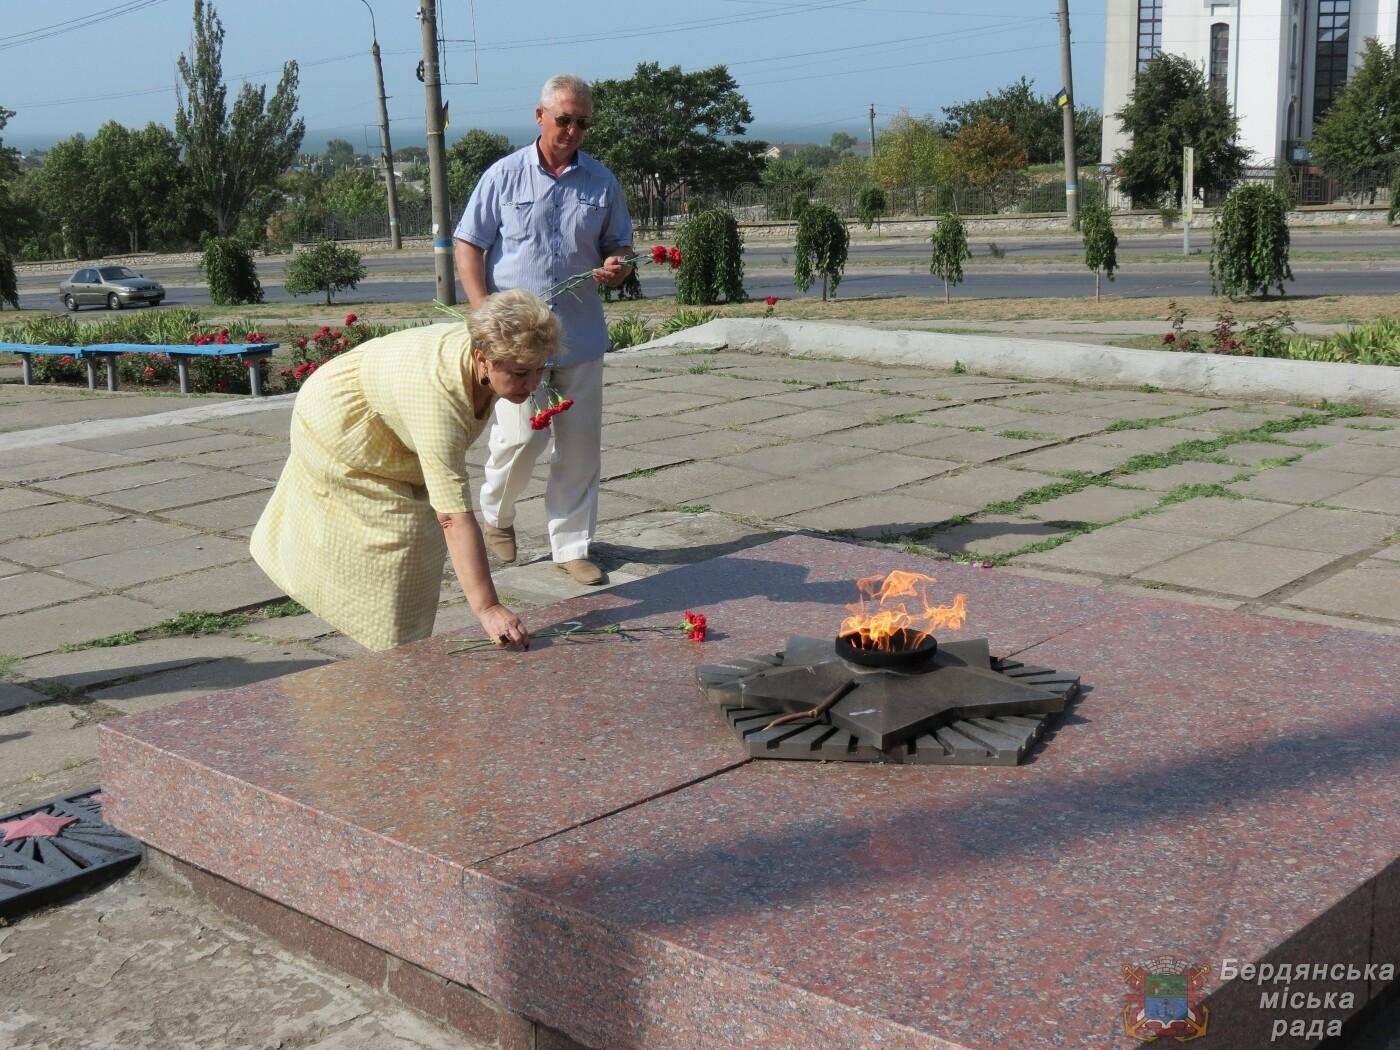 В Бердянске прошло возложение цветов к 75-й годовщине окончания Второй мировой войны, фото-2